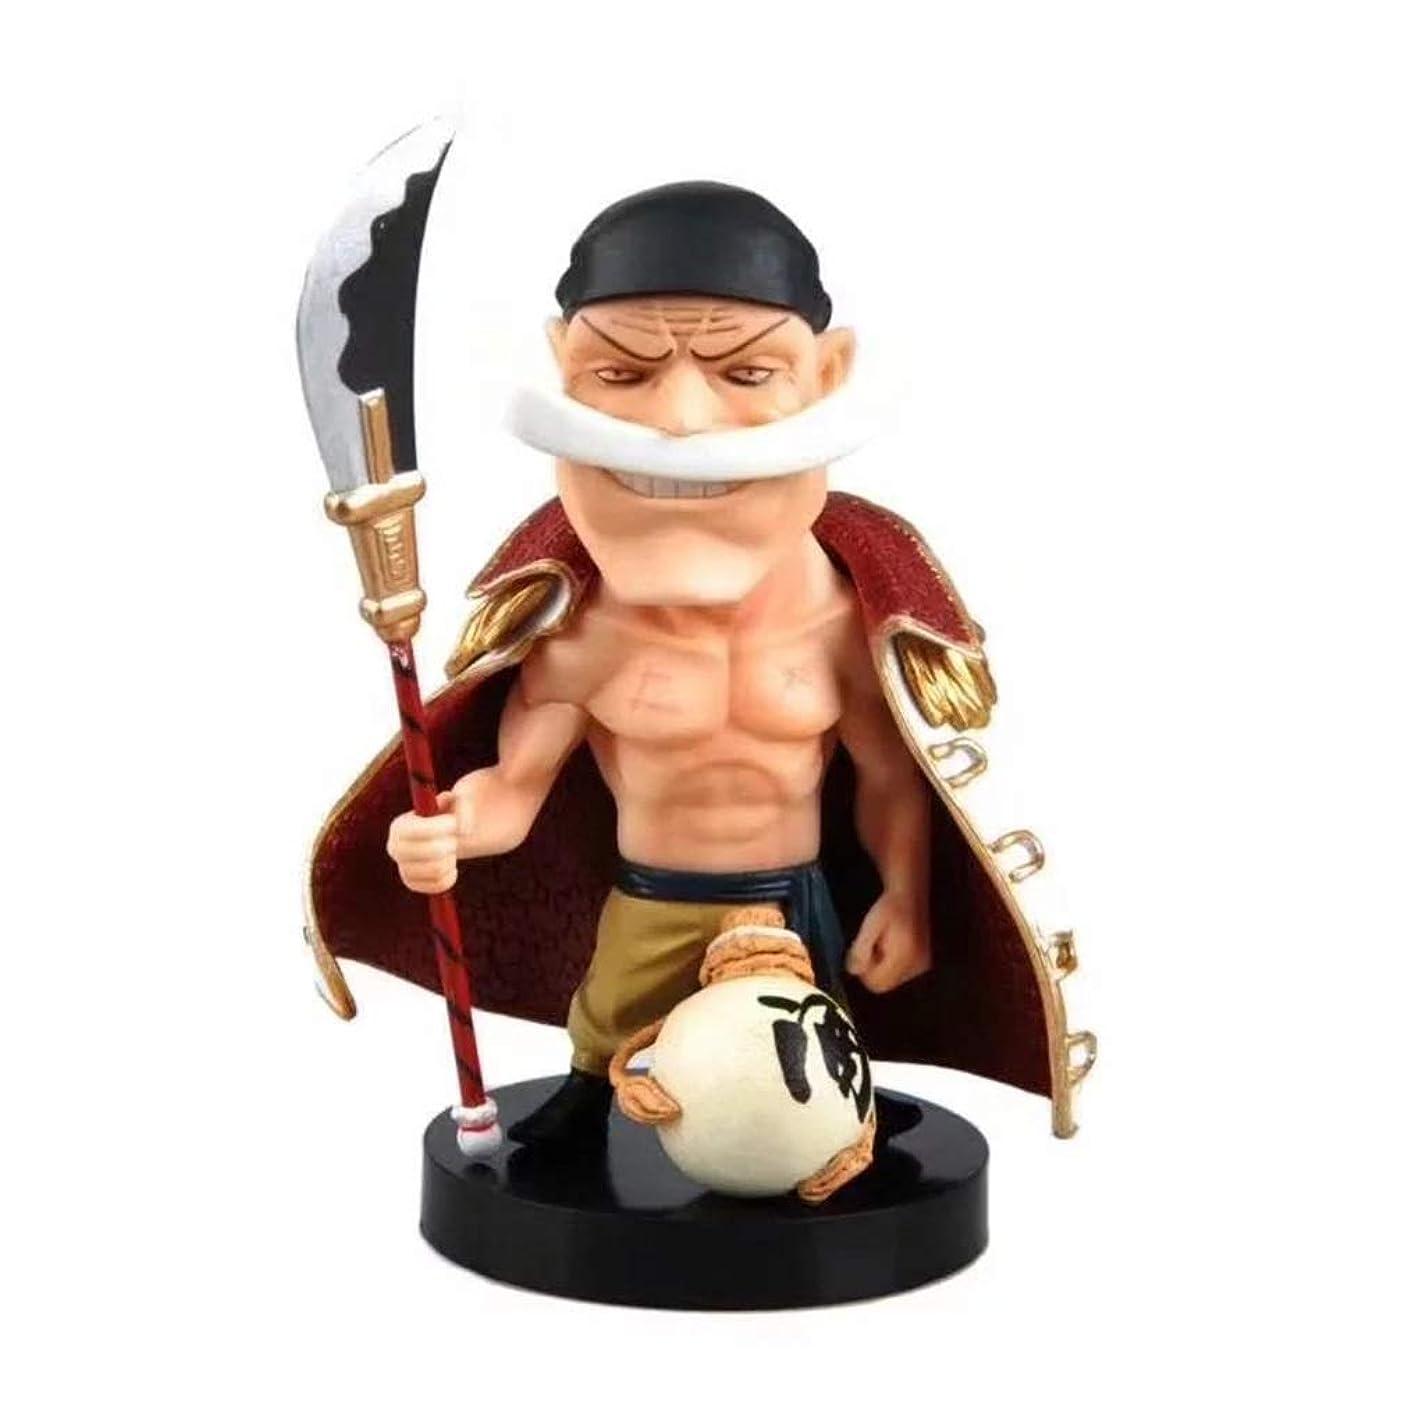 キャラバンメイトパンフレット揺れる頭白ひげ、PVCのおもちゃコレクション像のキャラクターの工芸品、像のおもちゃモデルの装飾、アニメのワンピースモデル(15cm) SHWSM